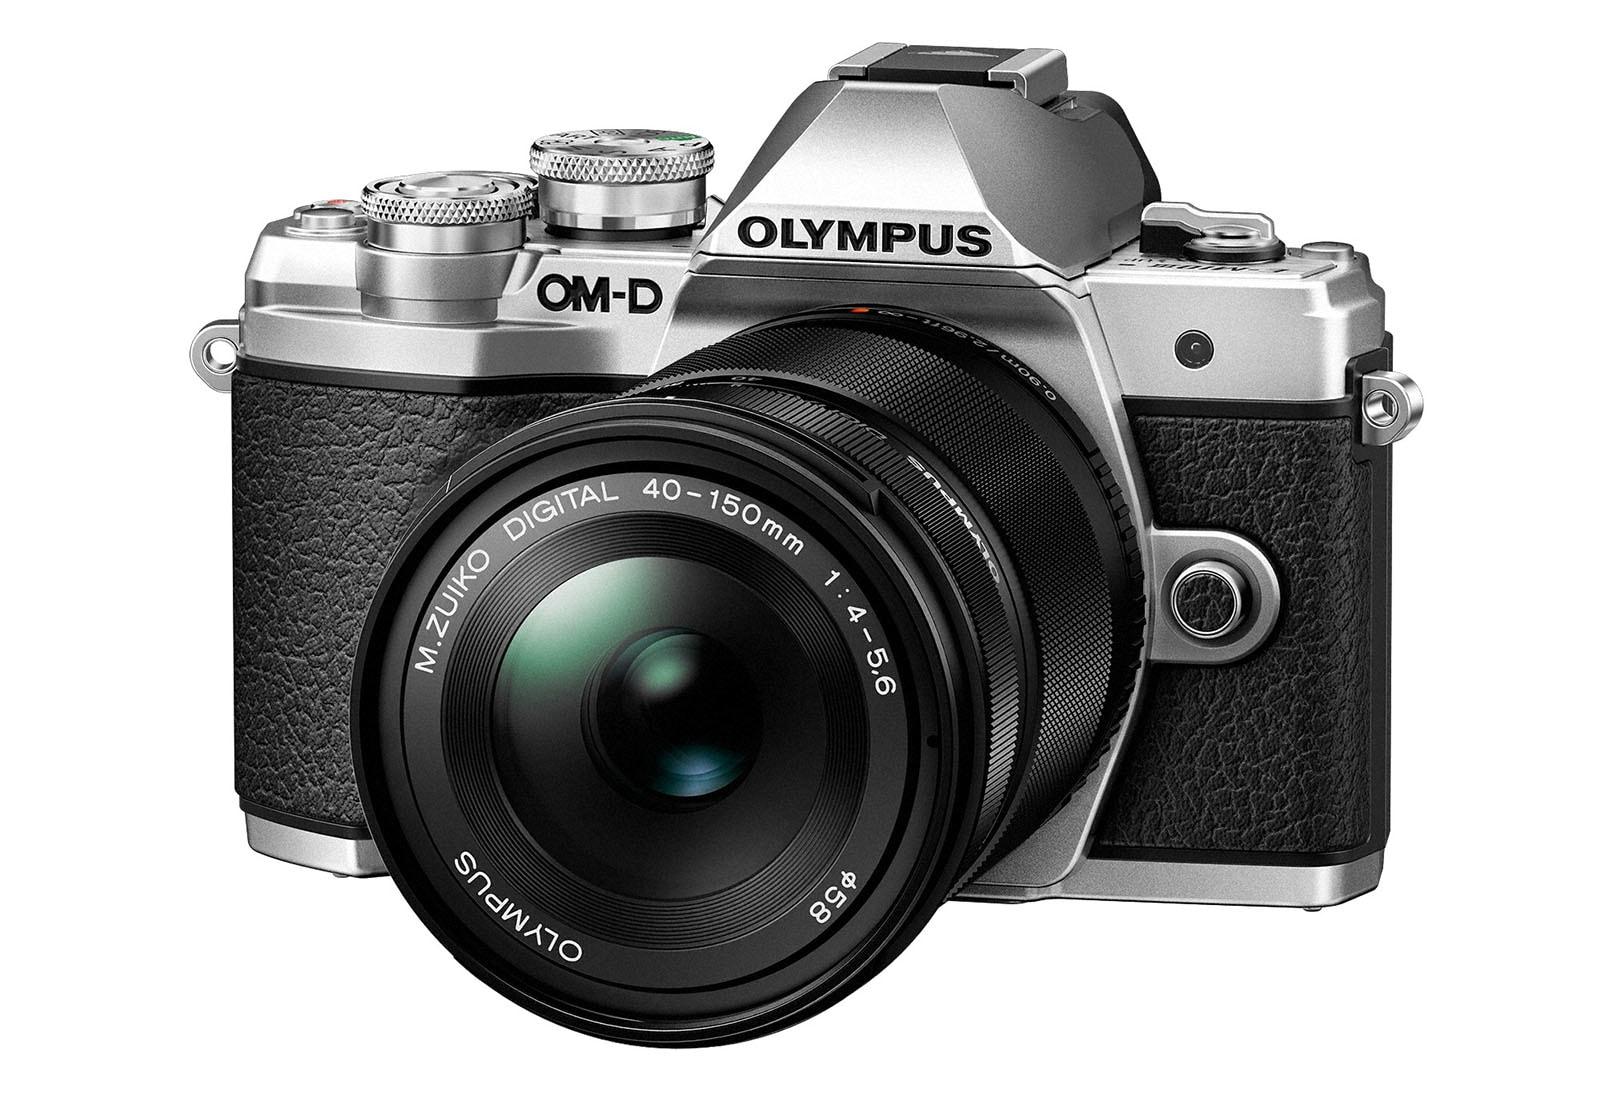 Olympus OM-D EM-10 Mark III (1)